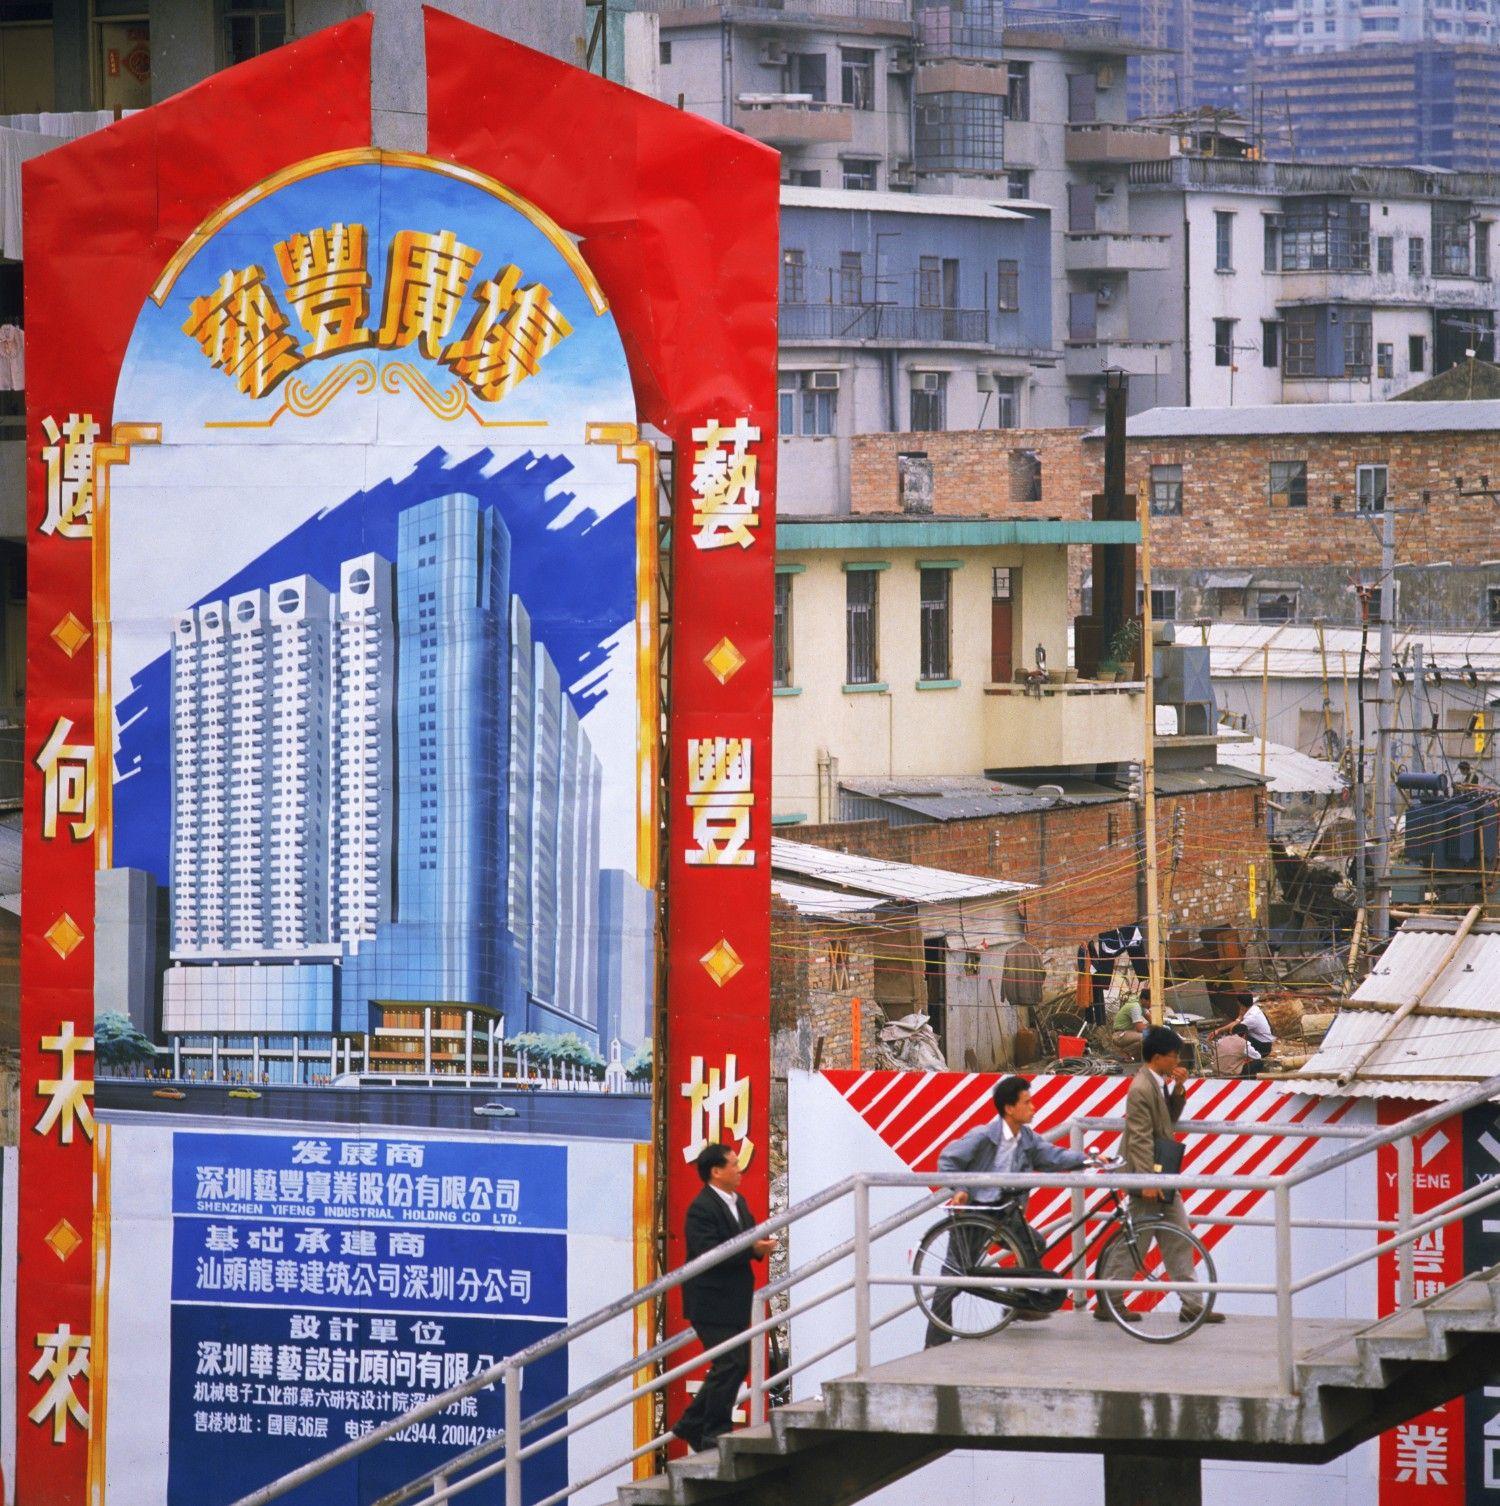 1990年代とみられる深圳の写真。看板が繁体字なのは、当時の広東省では「先進地域」の香港へのあこがれが強かったためだ ©AFLO